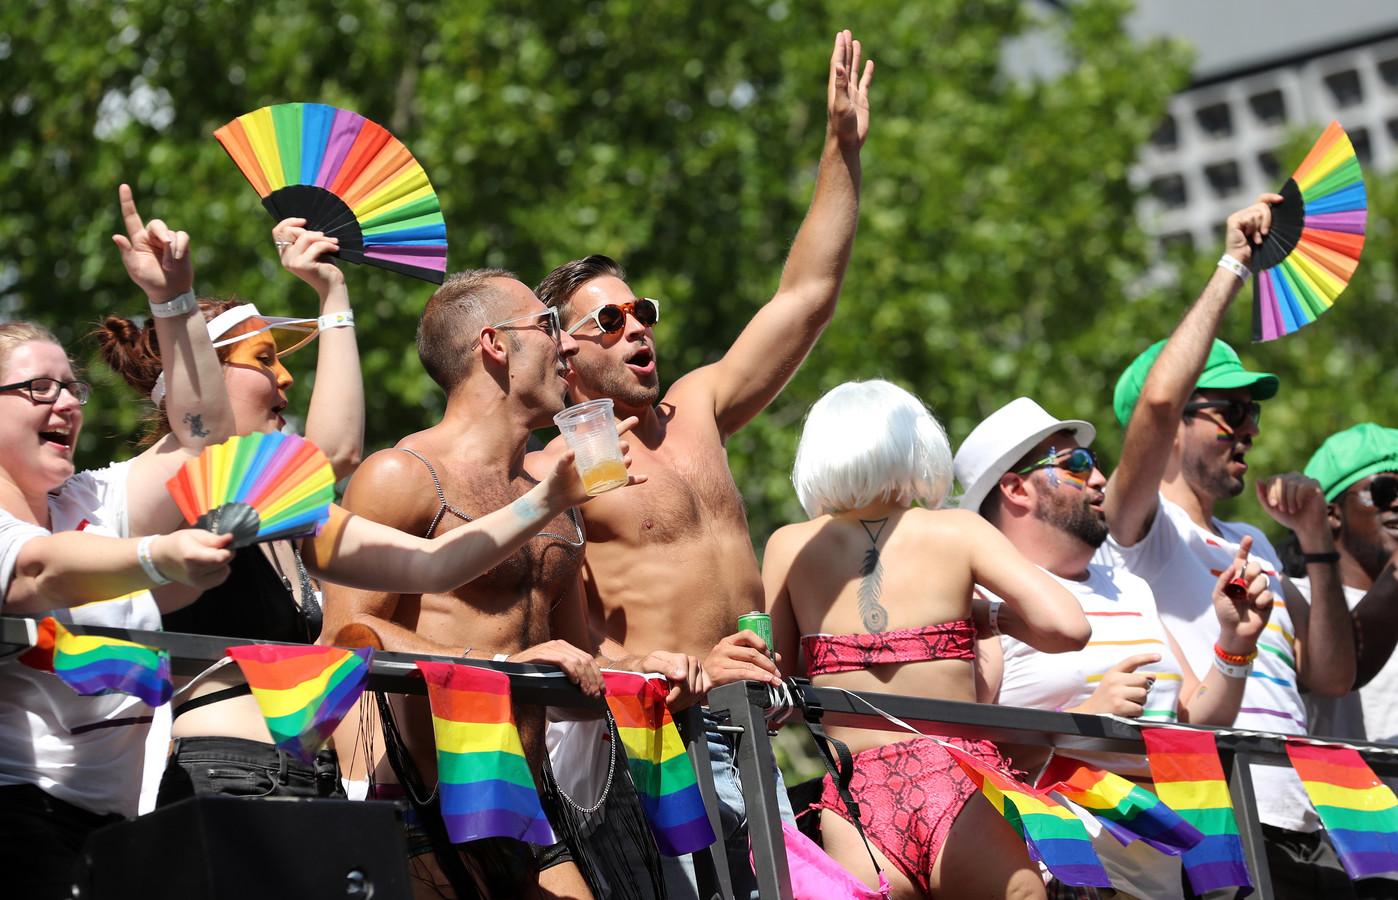 Dansende mensen tijdens de Pride in Berlijn.